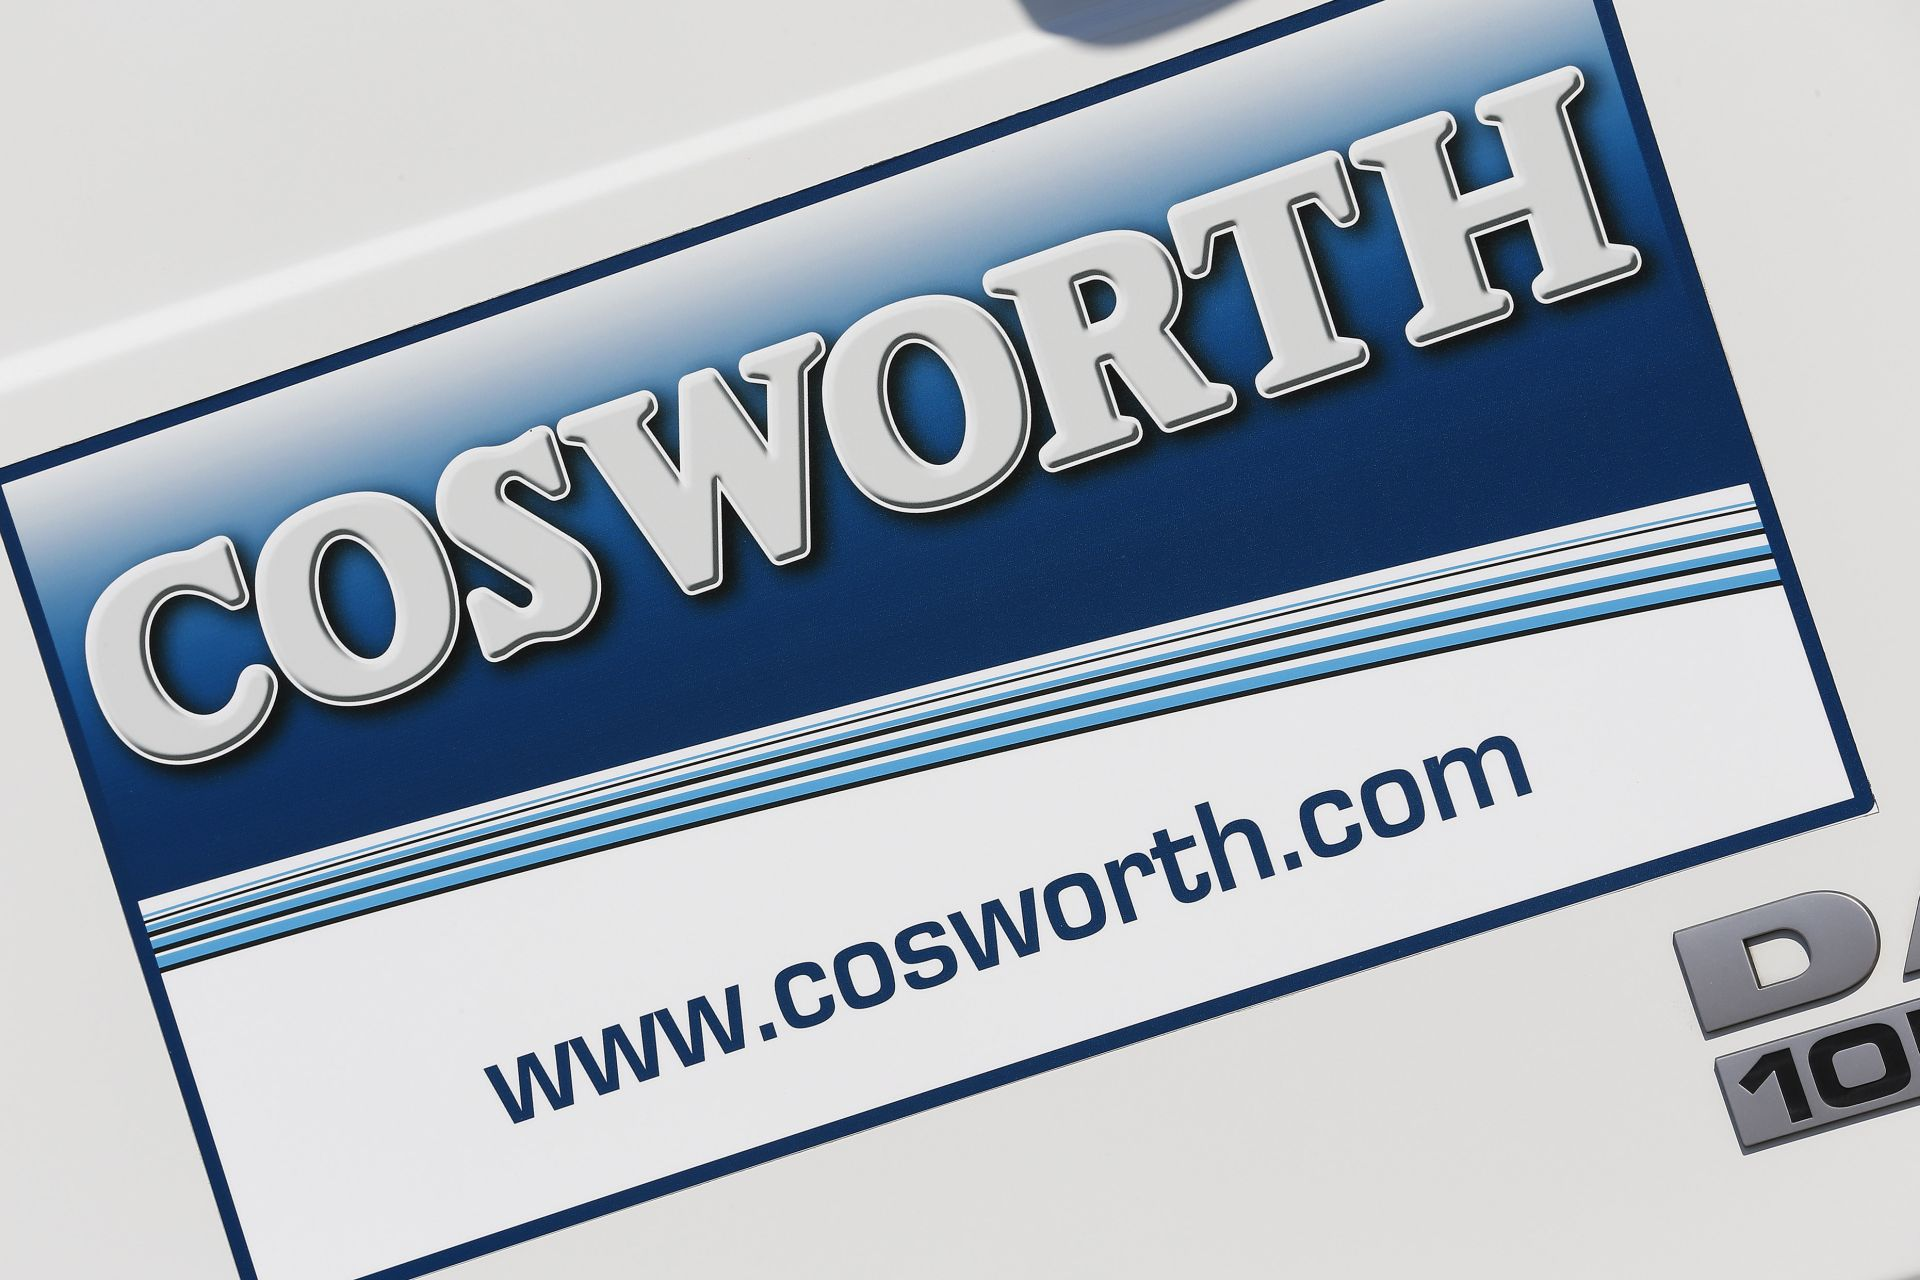 Cosworth: nincs elég pénz, így nem térnek vissza a Forma-1-be!